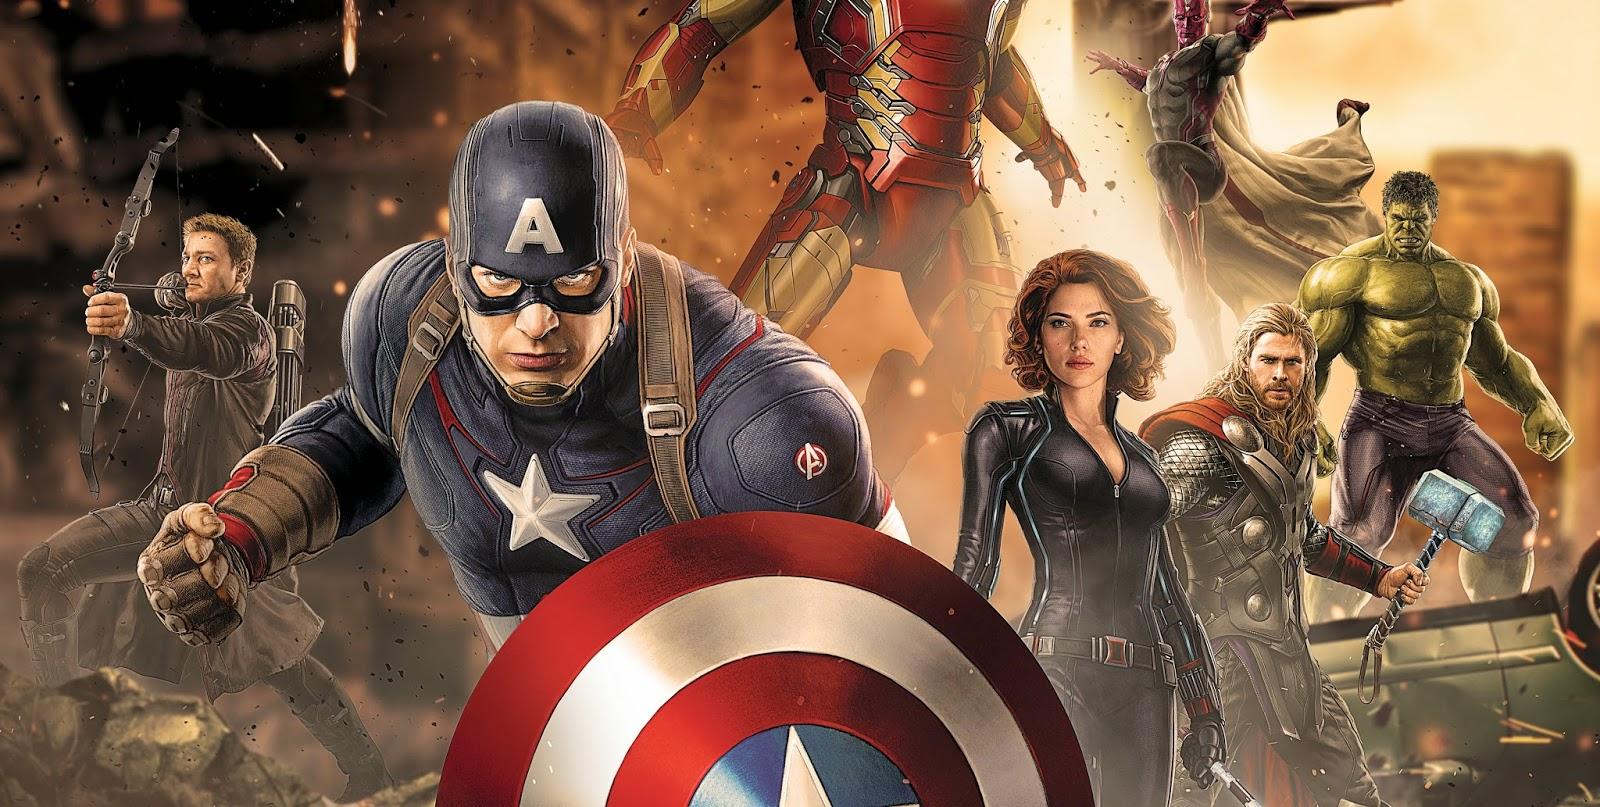 Anthony & Joe Russo assumem direção de Os Vingadores 3 & 4